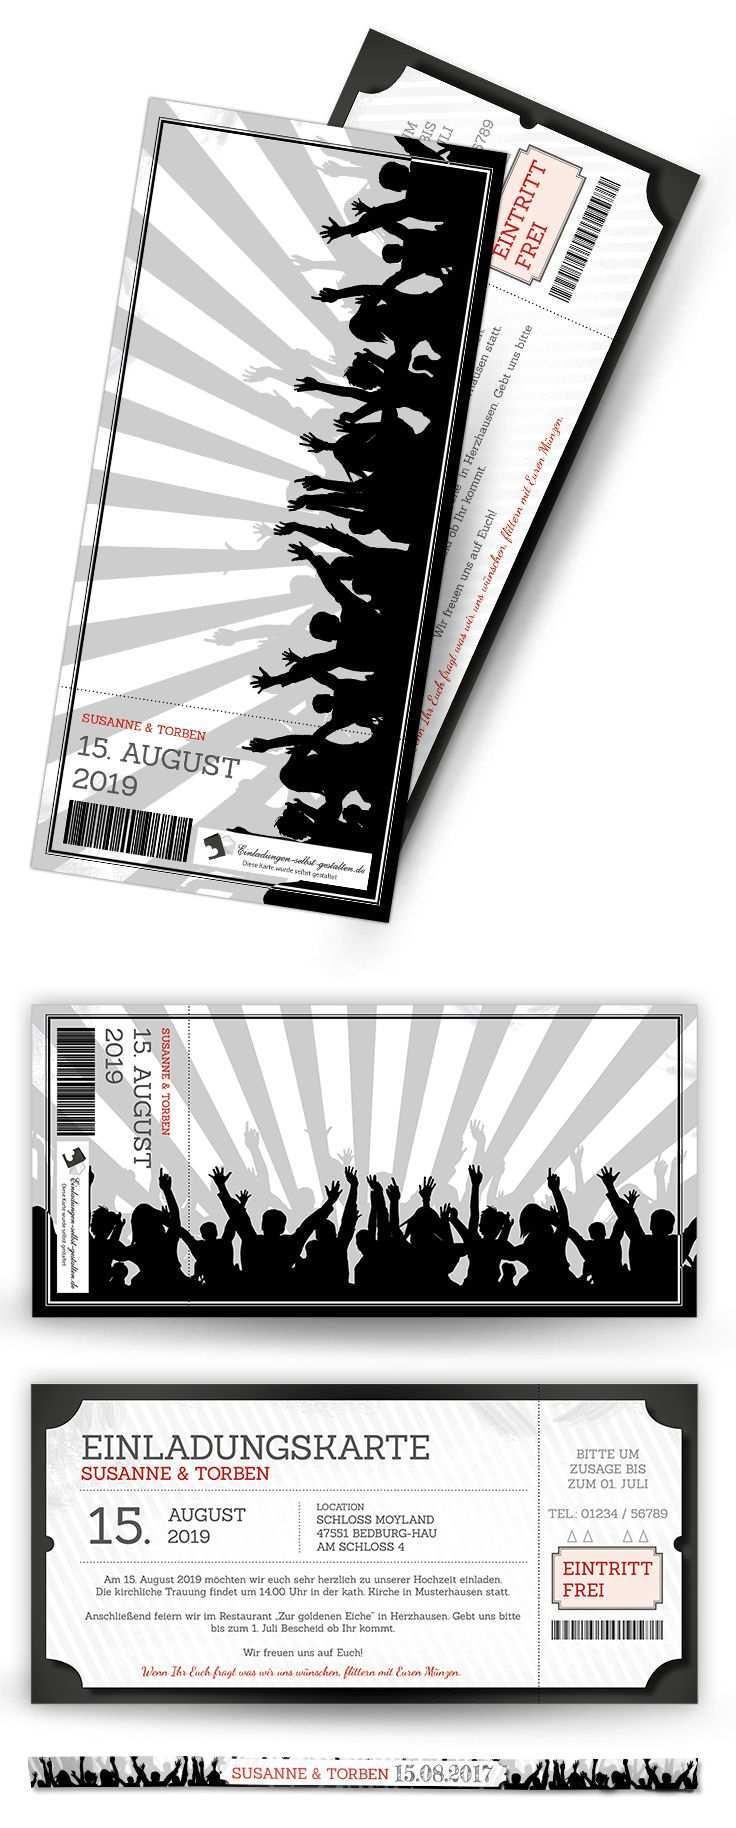 Einladungskarte Als Ticket Mit Passendem Festivalarmband Perfekt Fur Die Mottopartys Festival Einladungskarten Einladungen Ticket Vorlage